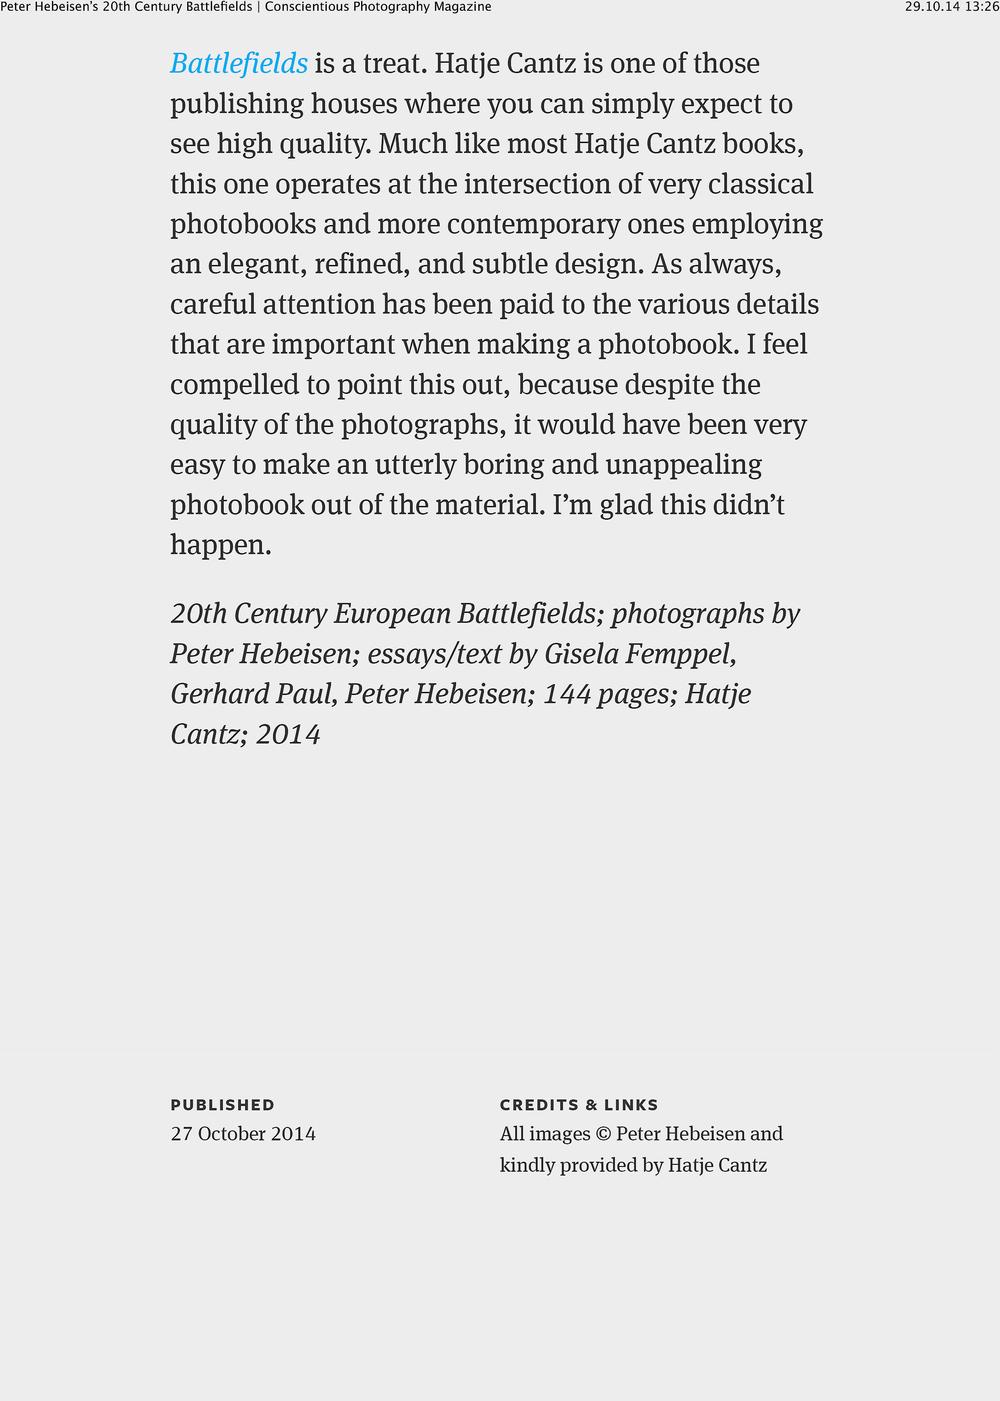 Peter Hebeisen's 20th Century Battlefields | Conscientious Photography Magazine-6 Kopie.jpg